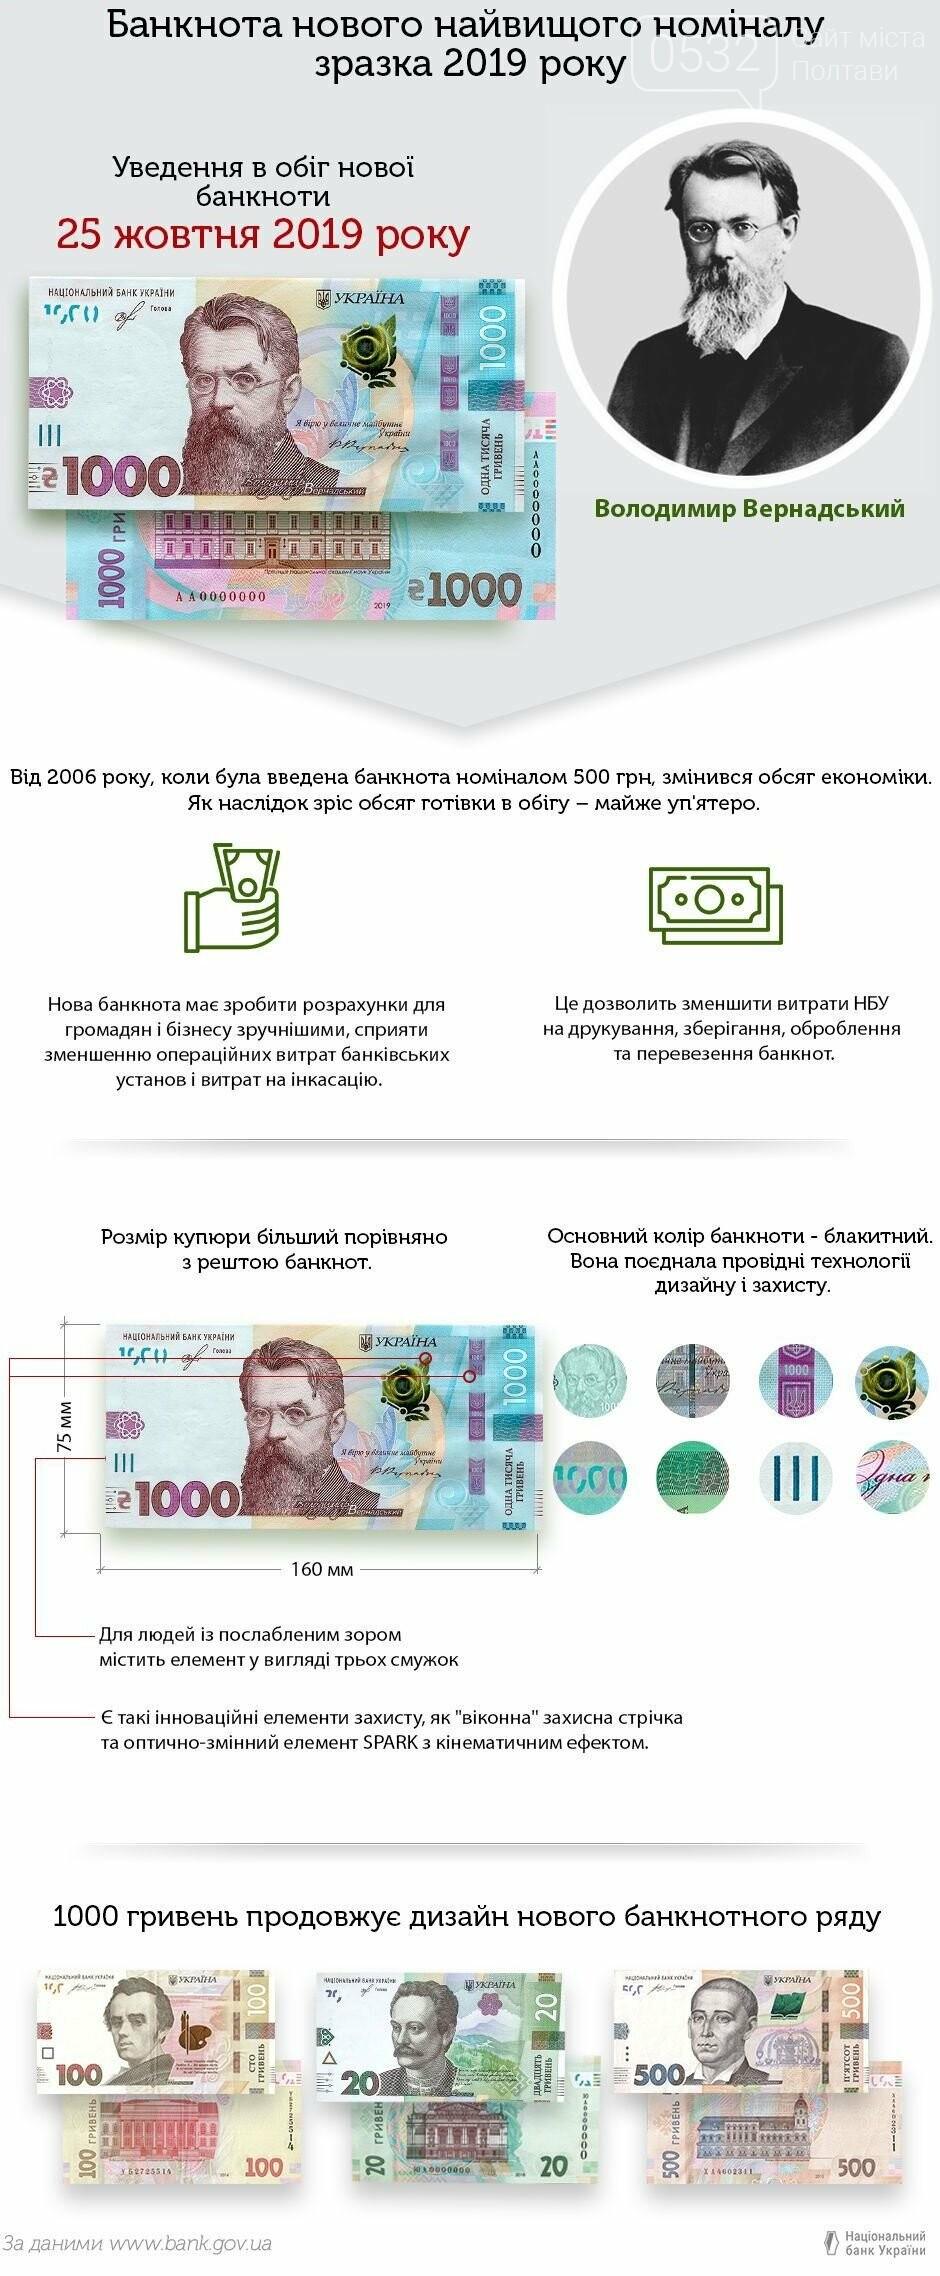 Сьогодні Нацбанк вводить у обіг банкноту у 1000 гривень, фото-2